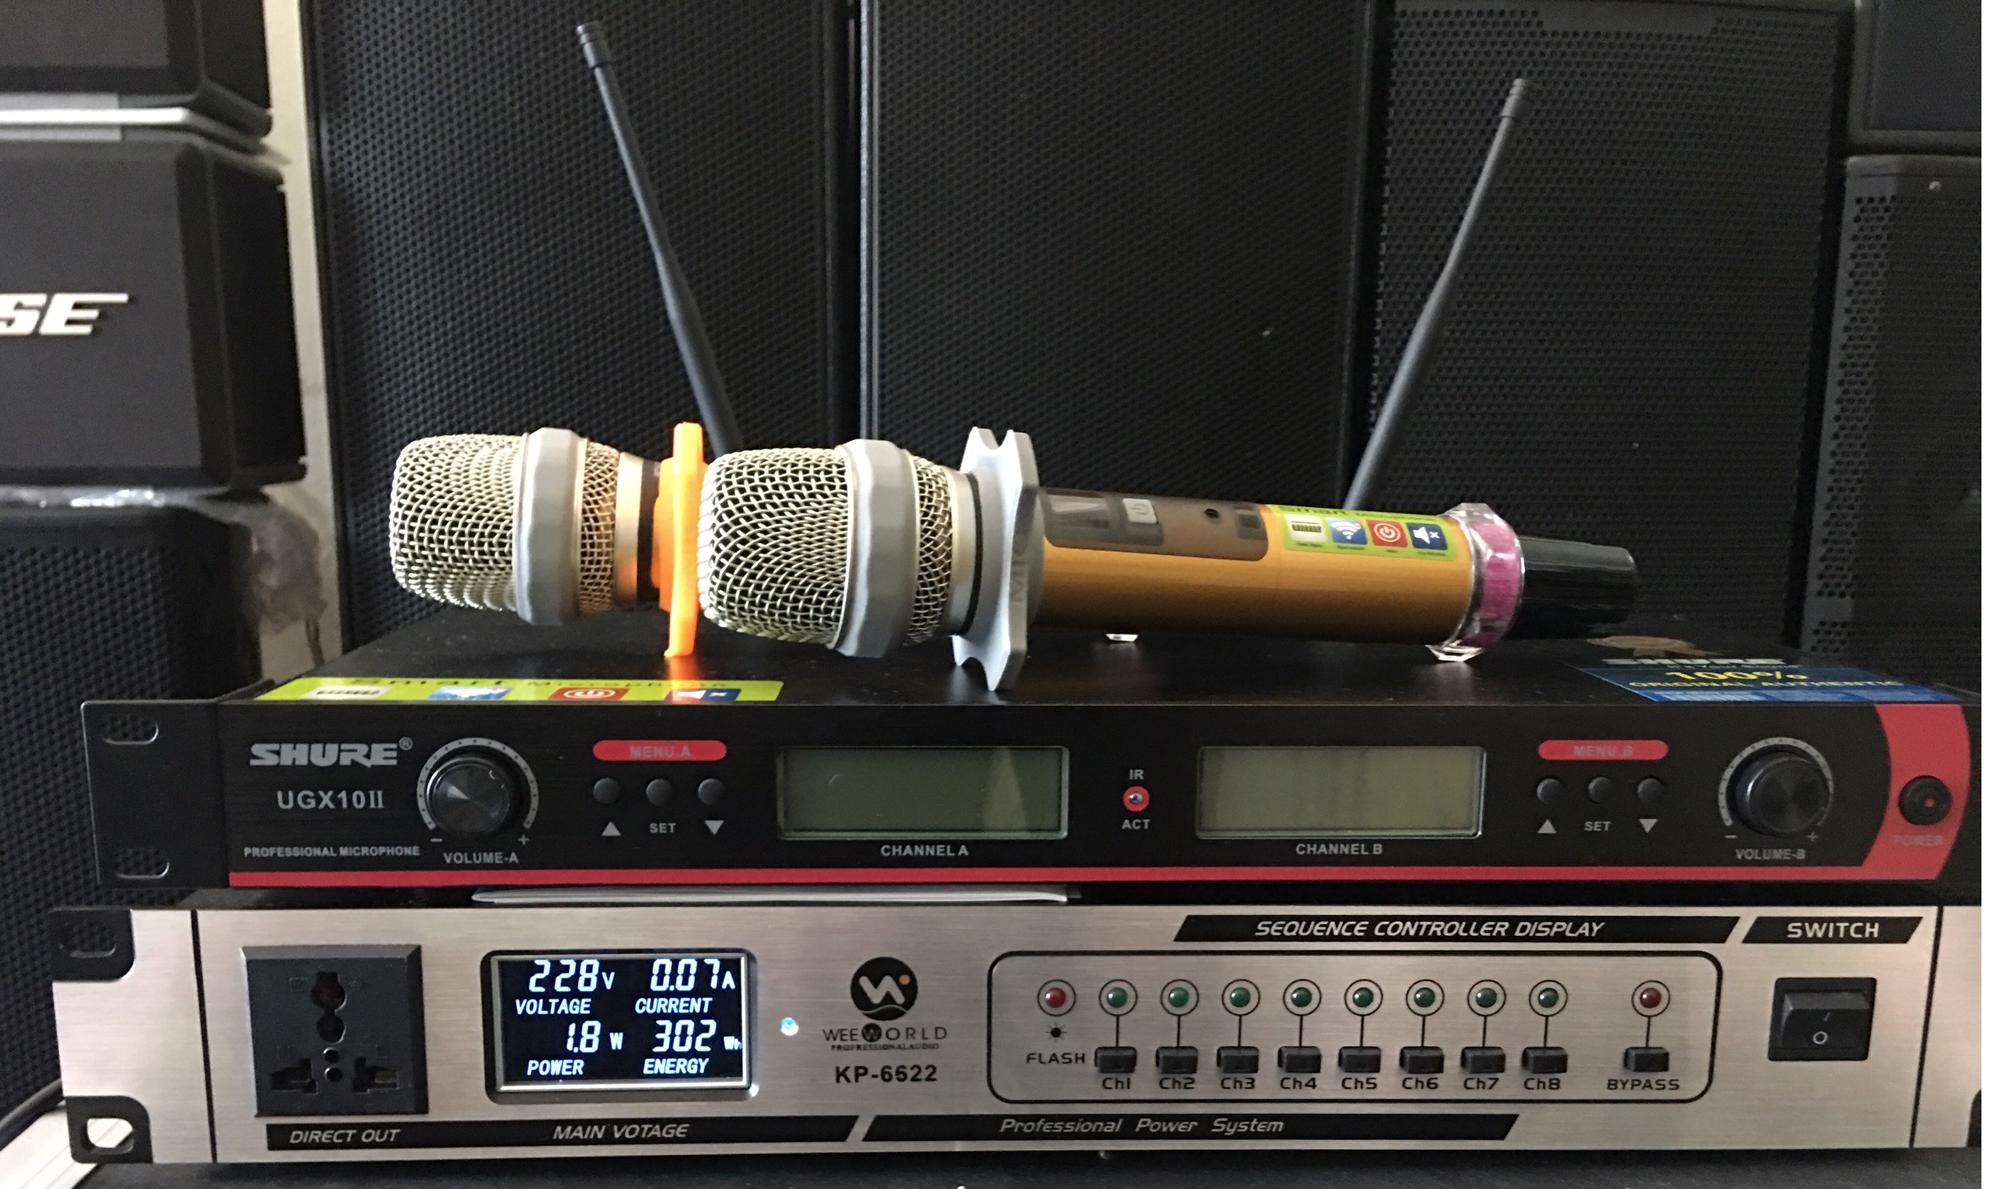 Mua Quản lý nguồn âm thanh KP6622 ở đâu tốt?